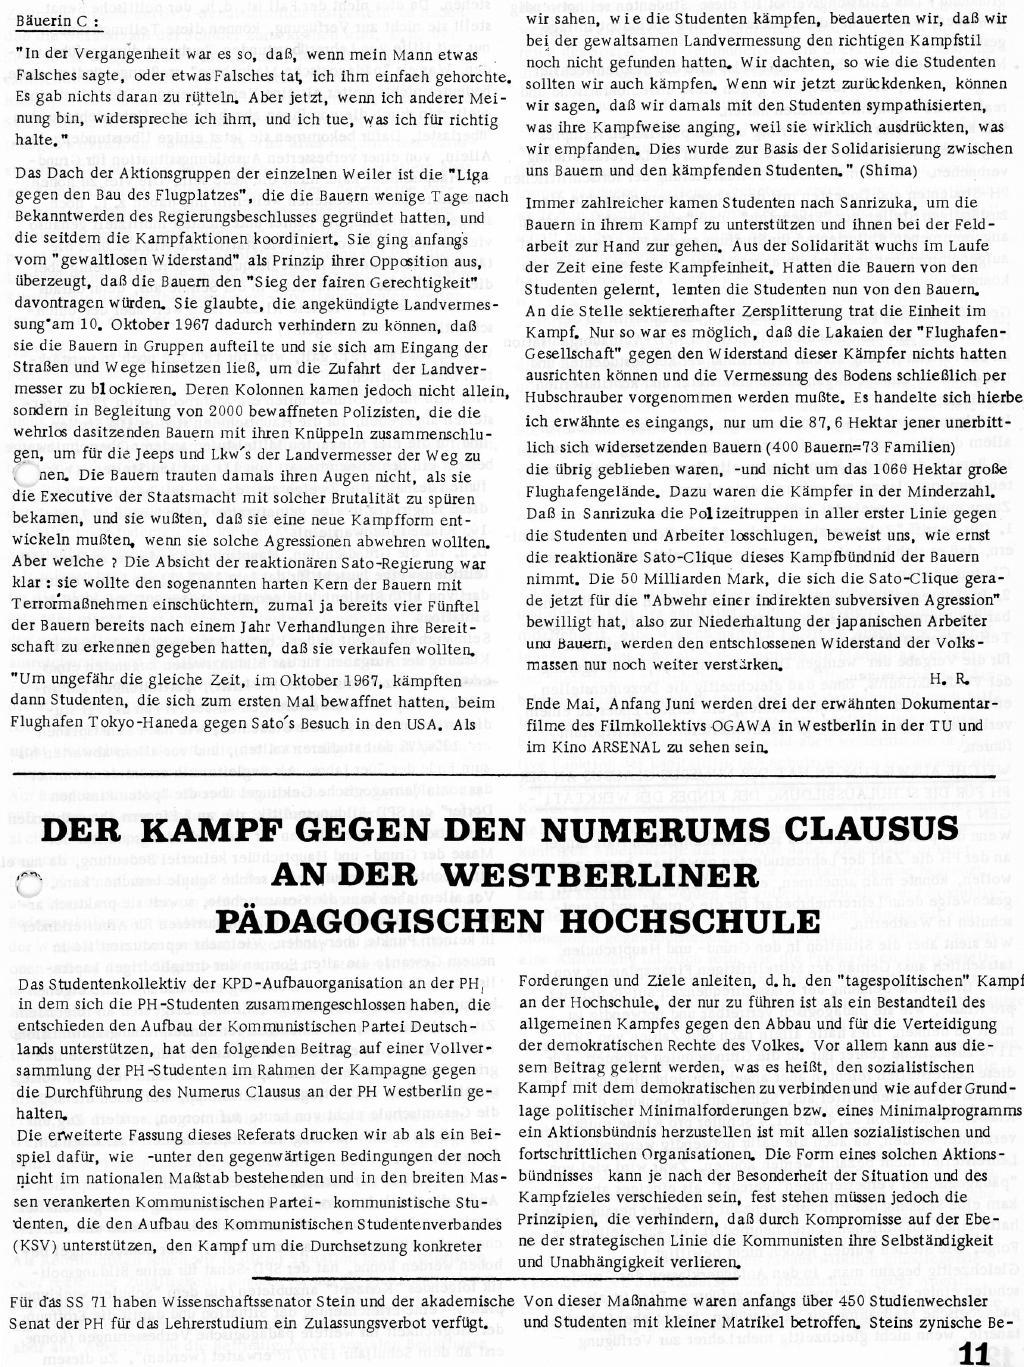 RPK_1971_115_11